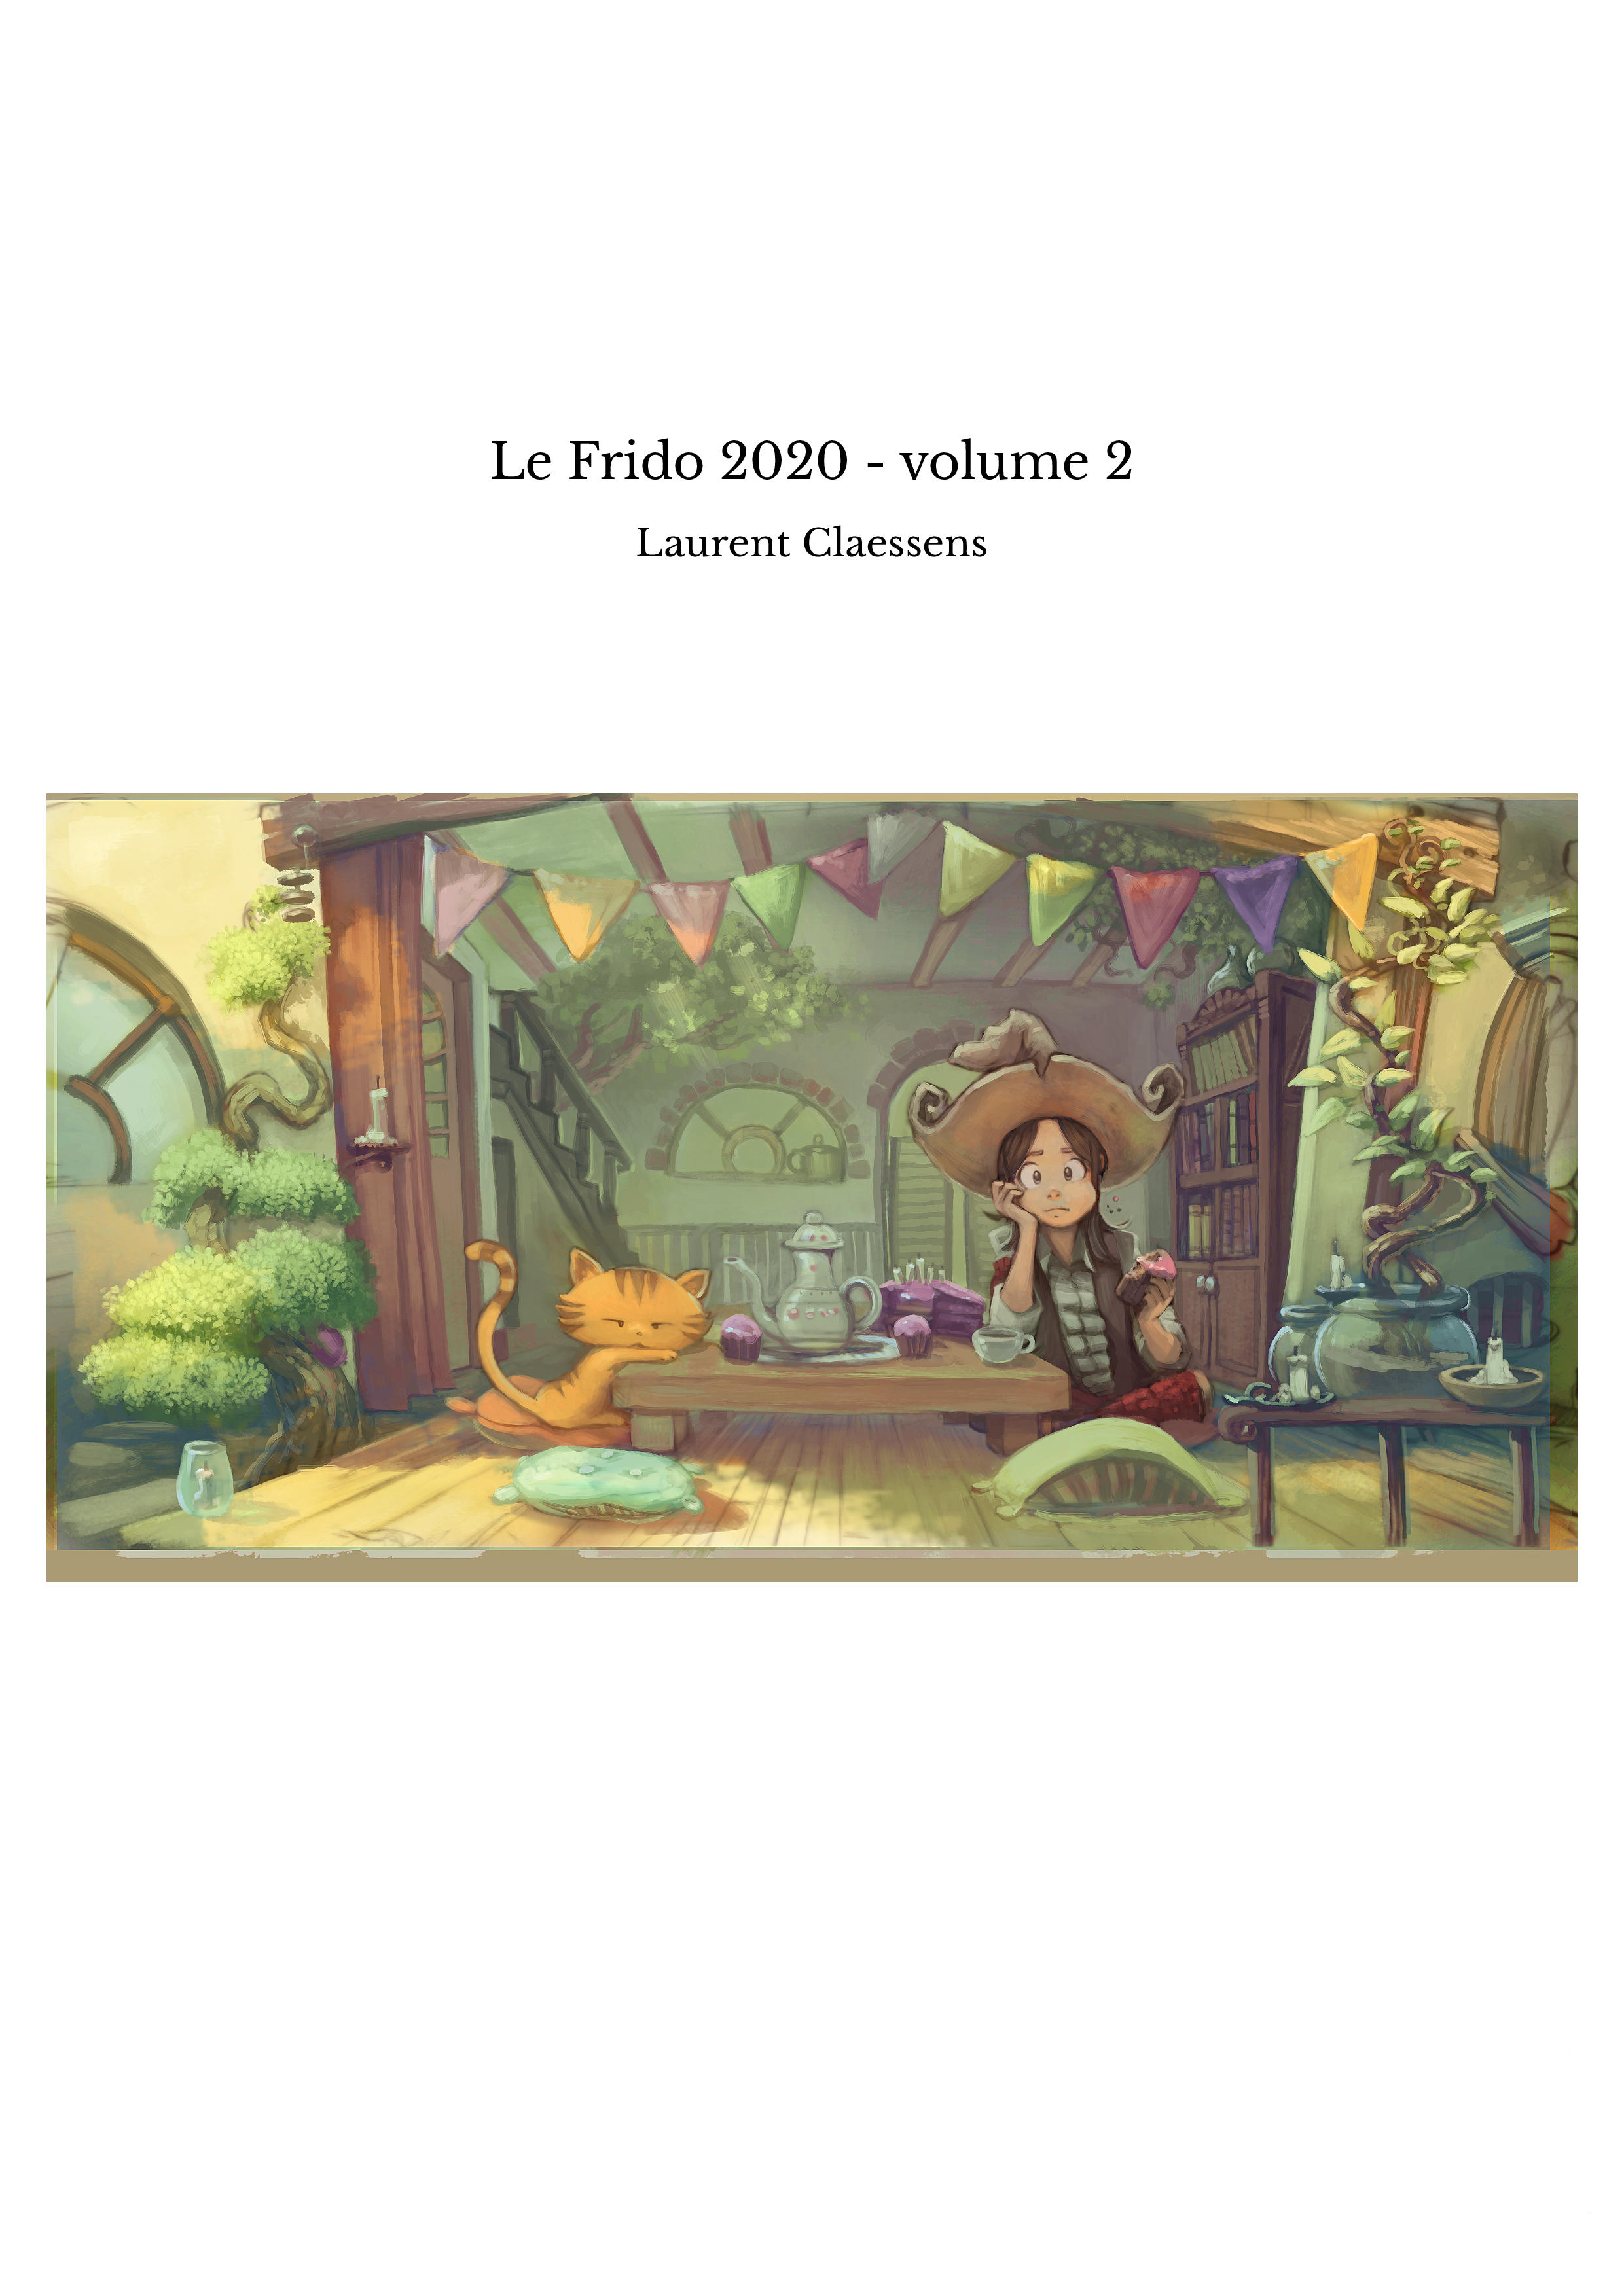 Le Frido 2020 - volume 2